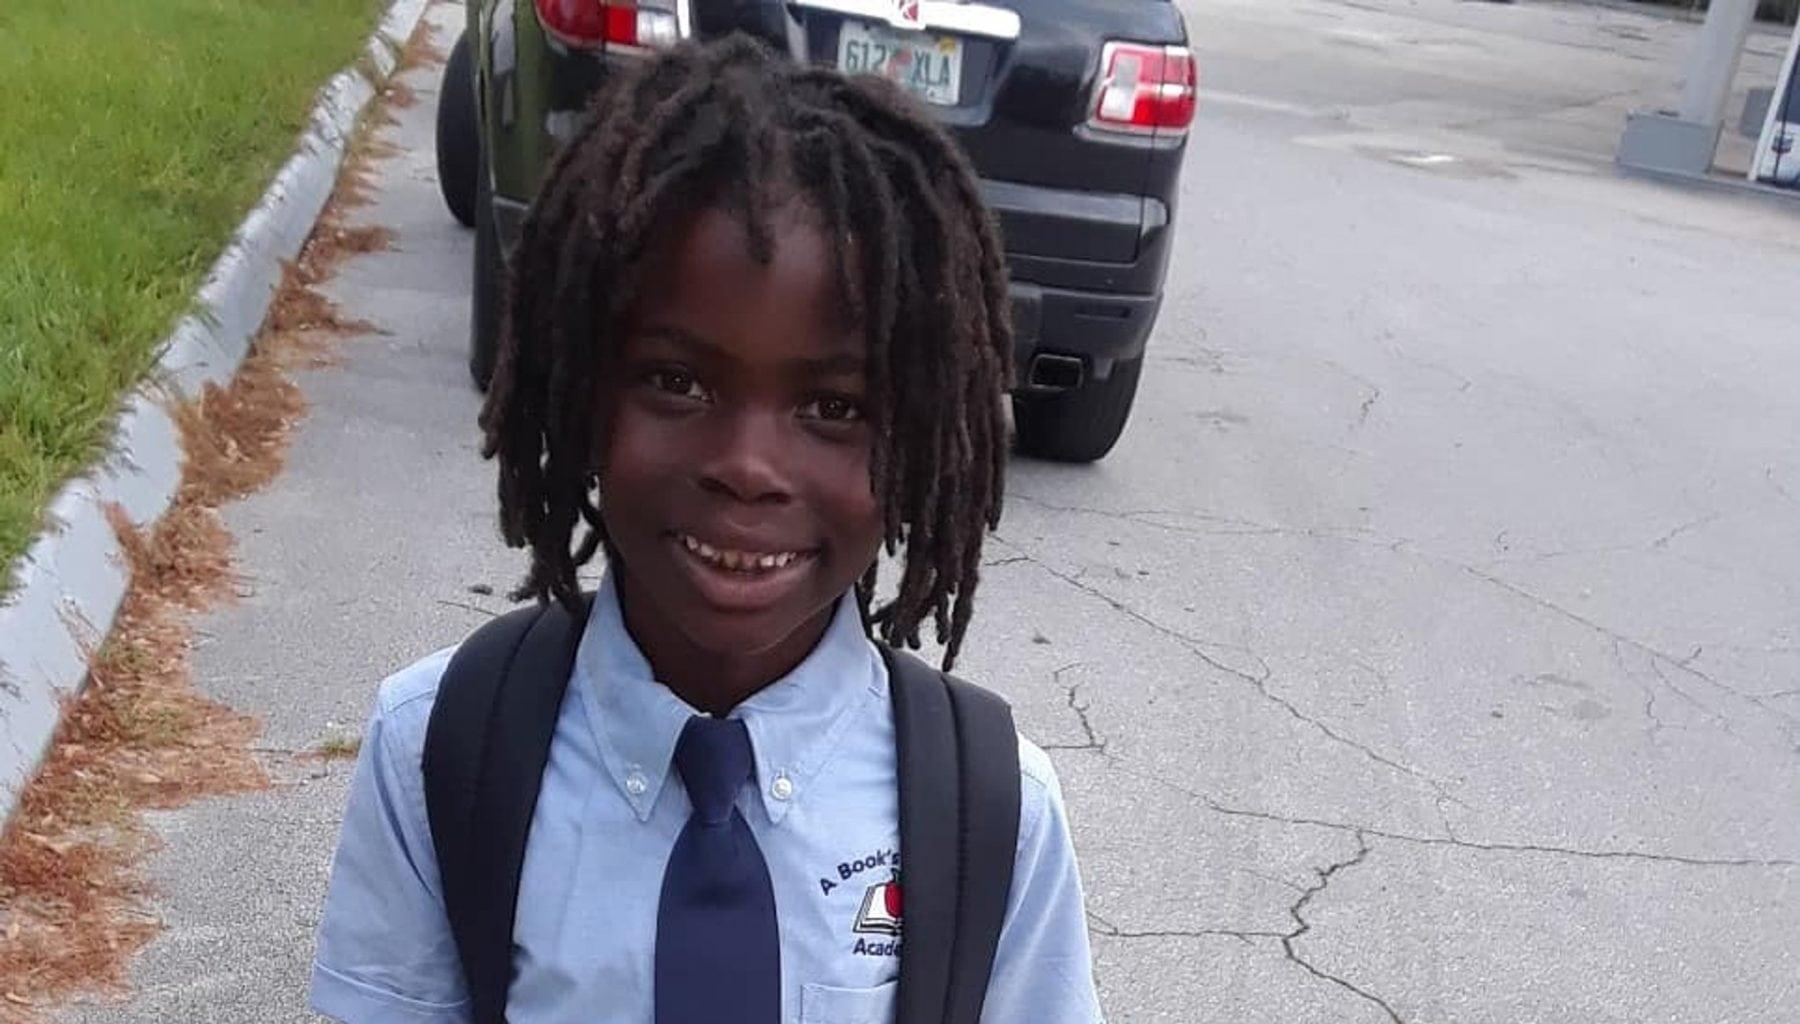 Christian School In Florida Denies 6 Yr Old Boy Entry